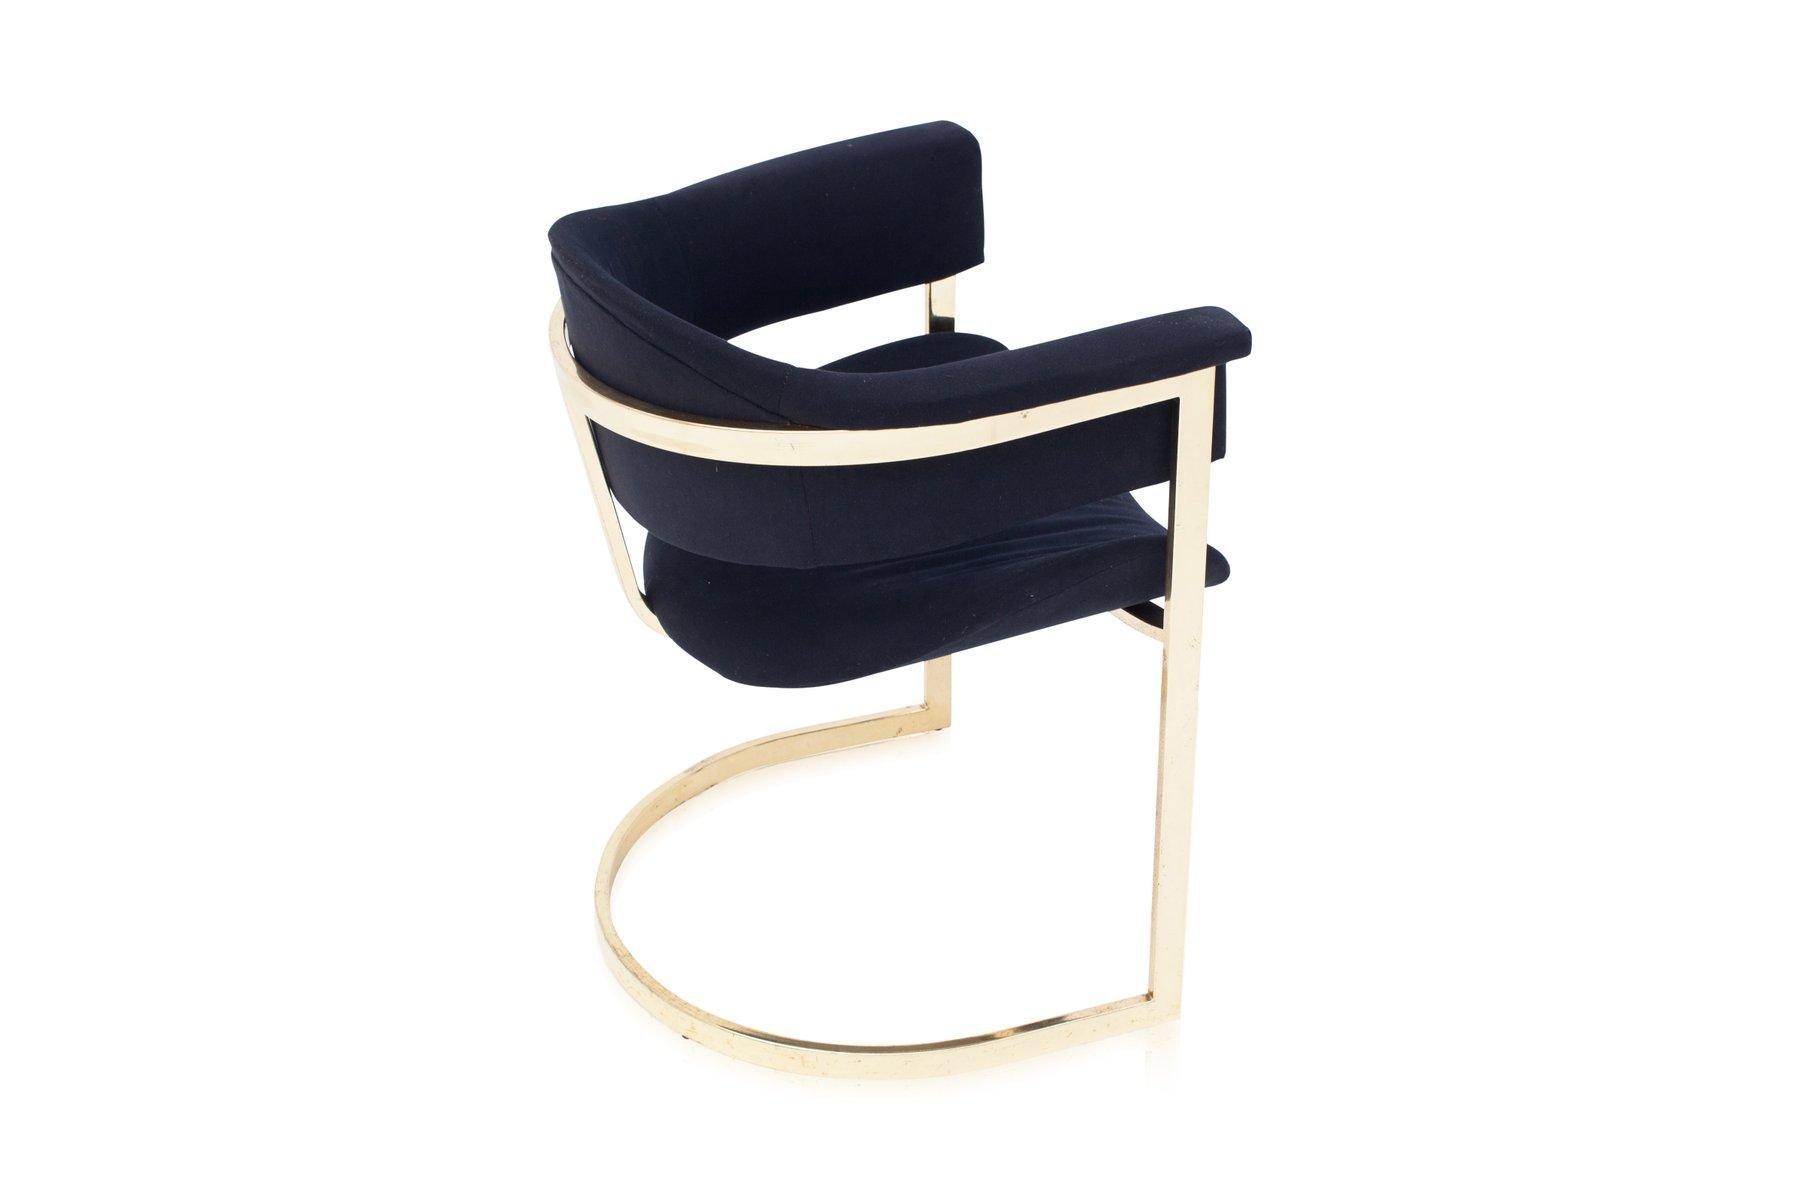 chaises de salon vintage en laiton de roche bobois set de 6 en vente sur pamono. Black Bedroom Furniture Sets. Home Design Ideas